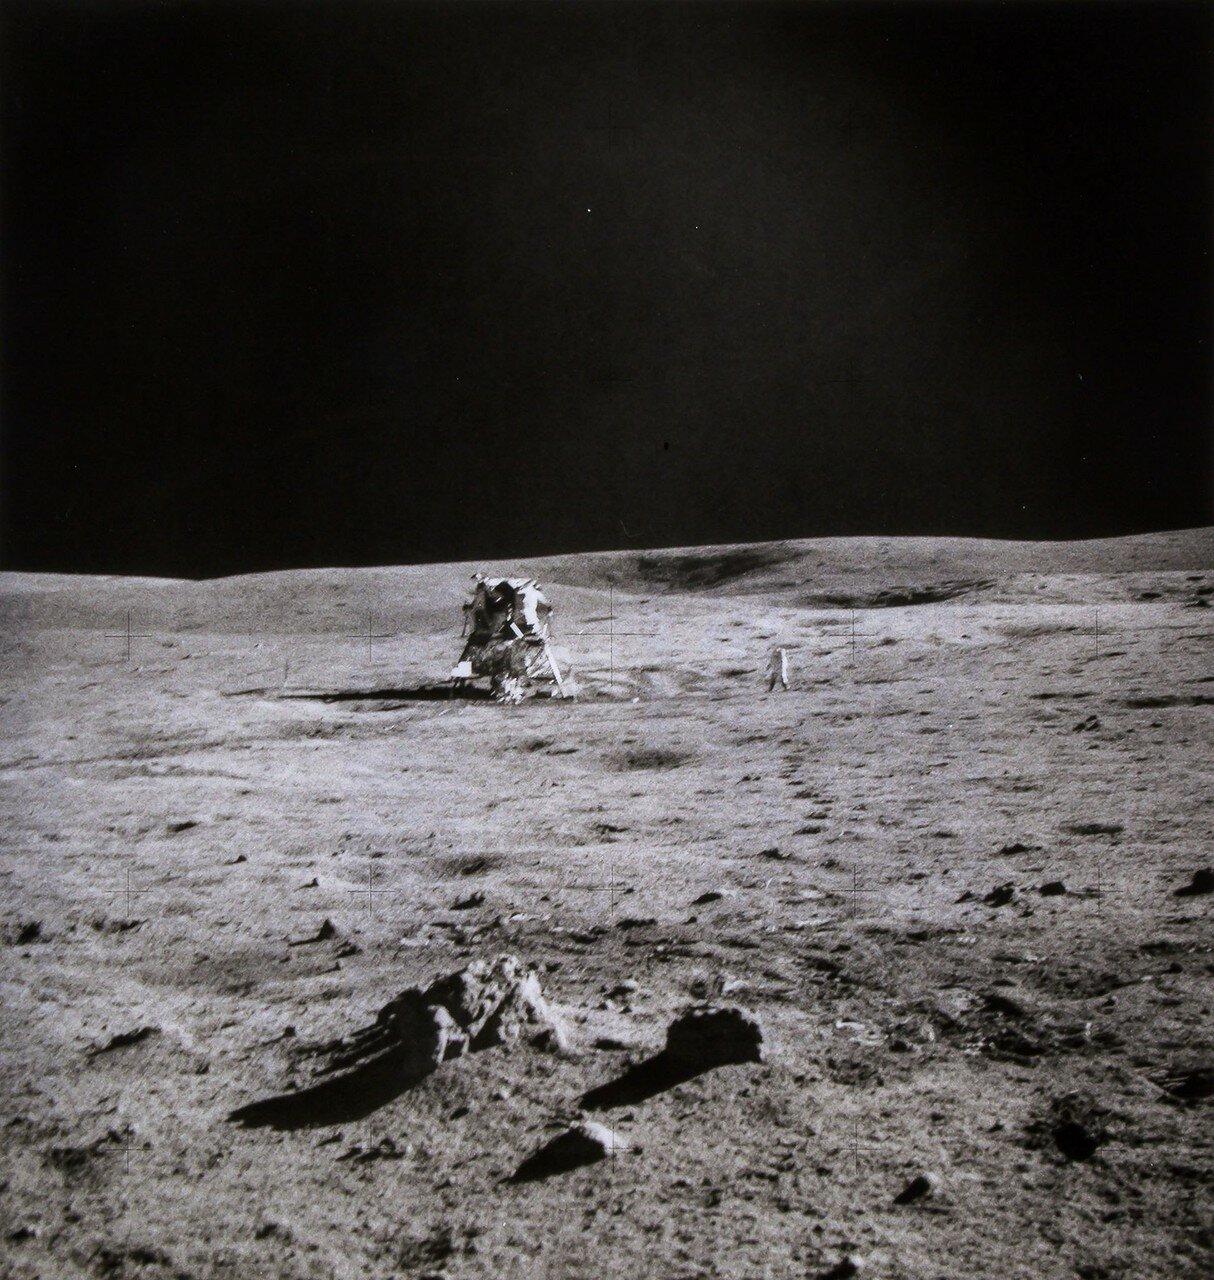 Первый выход экипажа лунного модуля корабля «Аполлон-14» на лунную поверхность продолжался 4 часа 45 минут. На снимке: Отдаленный вид Алана Шепарда и лунного модуля